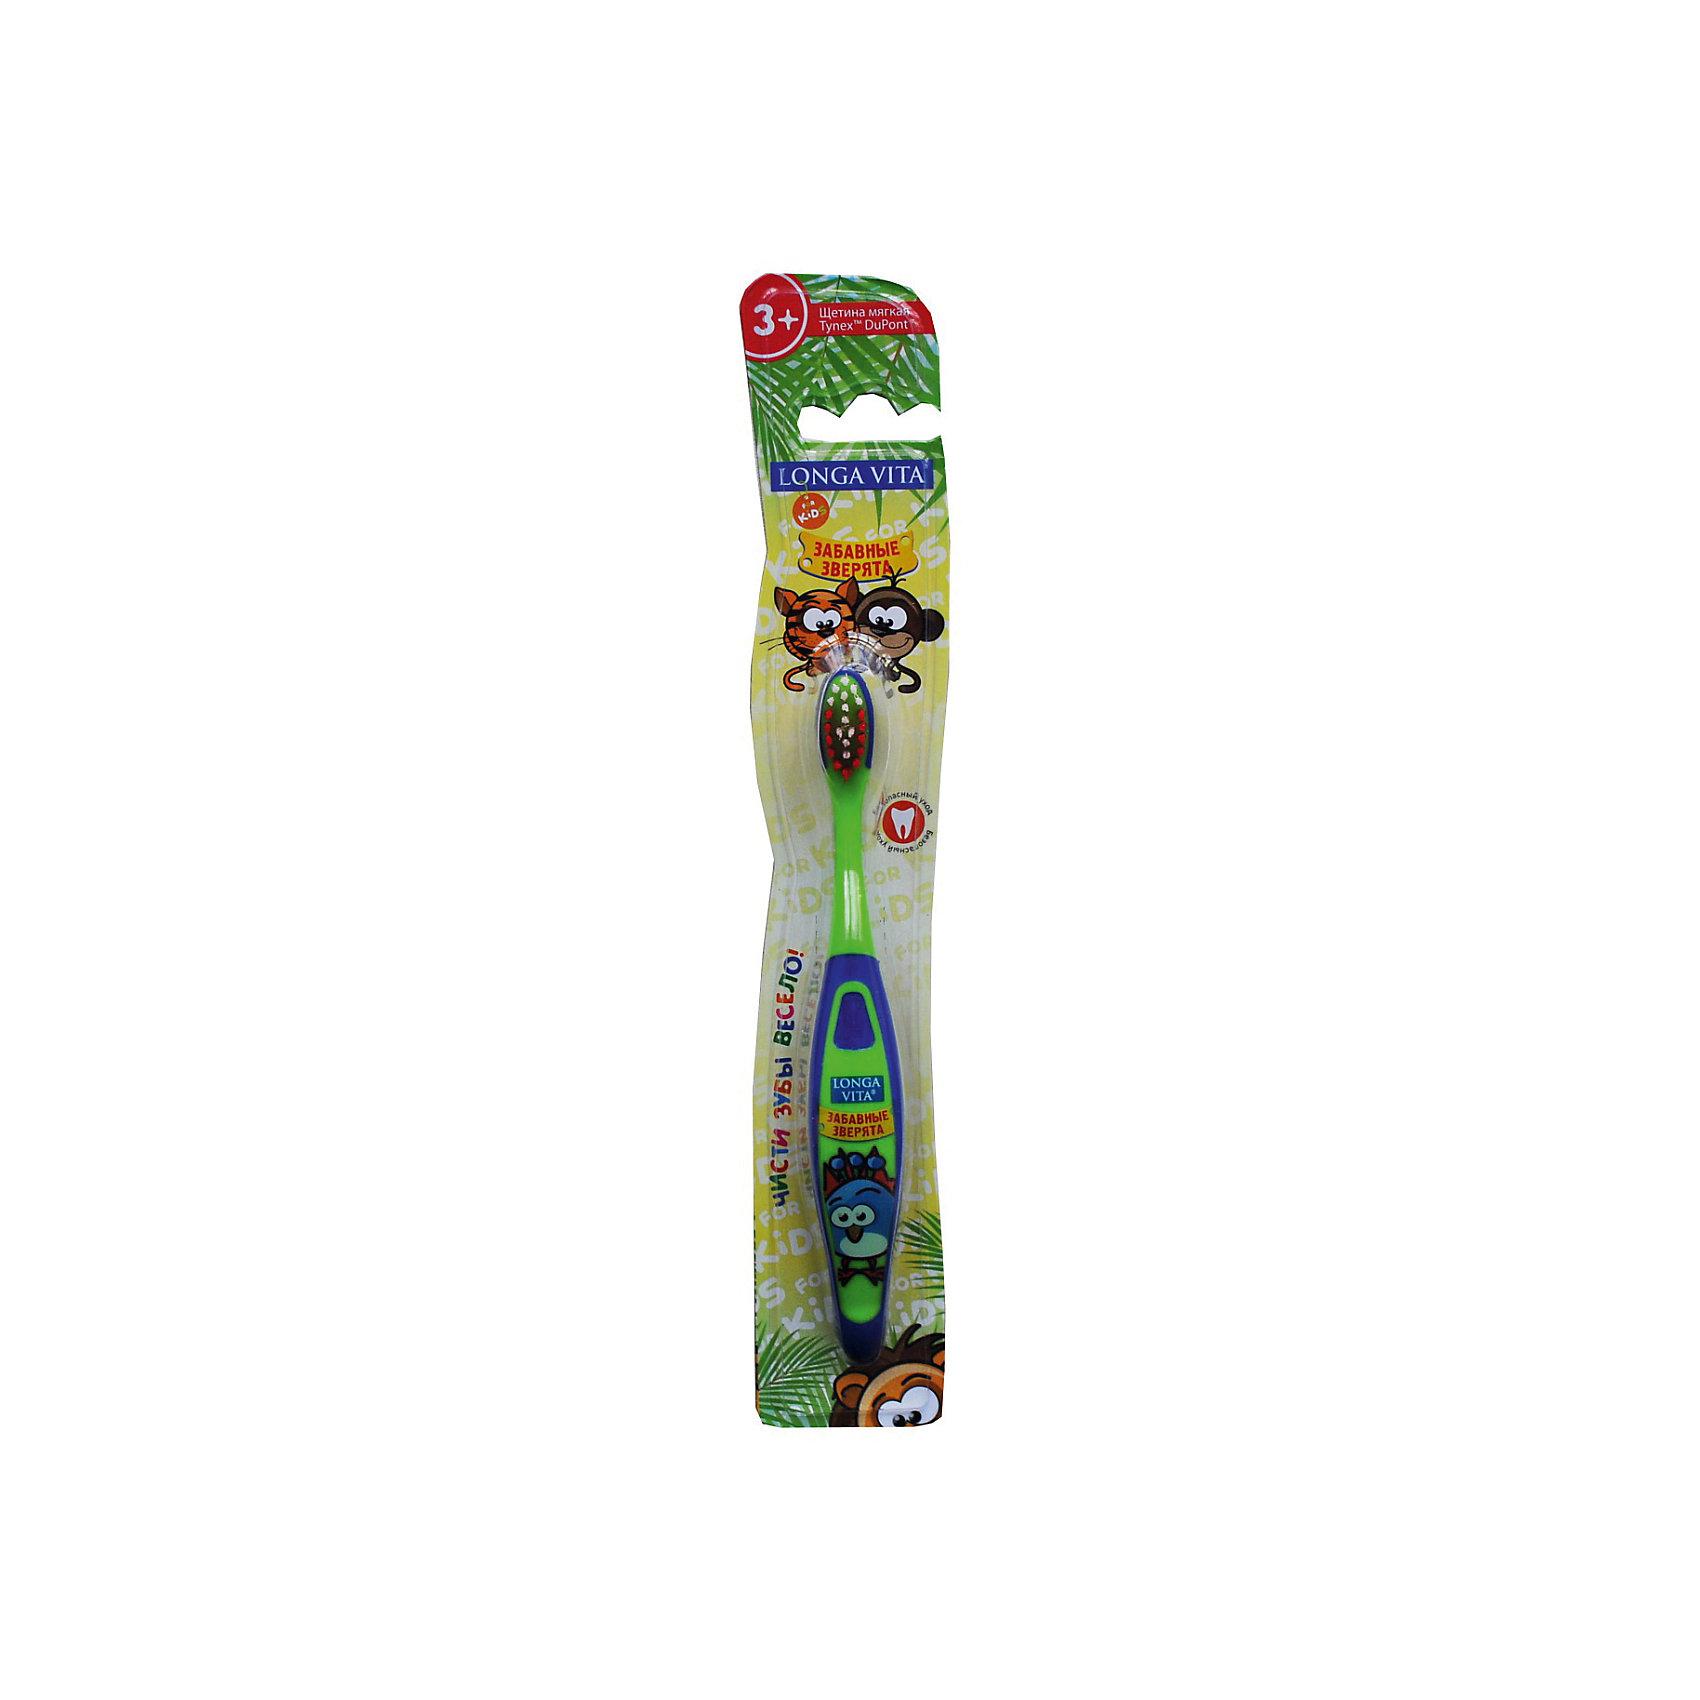 Детская зубная щетка Забавные зверята, от 3-х лет, арт. S-151, LONGA VITA, зеленыйДетская зубная щетка Забавные зверята, от 3-х лет, арт. S-151, LONGA VITA (Лонга Вита), зеленая.   <br><br>Характеристика:<br><br>• Материал: пластик, нейлон.<br>• Размер упаковки: 24х4х2 см. <br>• Длина щетки: 15 см. <br>• Жесткость щетины: мягкая. <br>• Эргономичная ручка.<br>• Яркий привлекательный дизайн. <br><br>Яркая зубная щетка с очаровательными зверятами приведет в восторг любого ребенка! Щетка LONGA VITA очень маневренная, прекрасно очищает ротовую полость и удаляет зубной налет. Благодаря мягкой щетине, она не травмирует нежные детские десны. Удобная эргономичная ручка препятствует выскальзыванию. Привлекательный дизайн и изображения забавных зверят сделают процесс чистки зубов увлекательным и веселым!<br><br>Детскую зубную щетку Забавные зверята, от 3-х лет, арт. S-151, LONGA VITA (Лонга Вита) зеленую, можно купить в нашем магазине.<br><br>Ширина мм: 20<br>Глубина мм: 25<br>Высота мм: 160<br>Вес г: 40<br>Возраст от месяцев: 36<br>Возраст до месяцев: 84<br>Пол: Унисекс<br>Возраст: Детский<br>SKU: 5130713